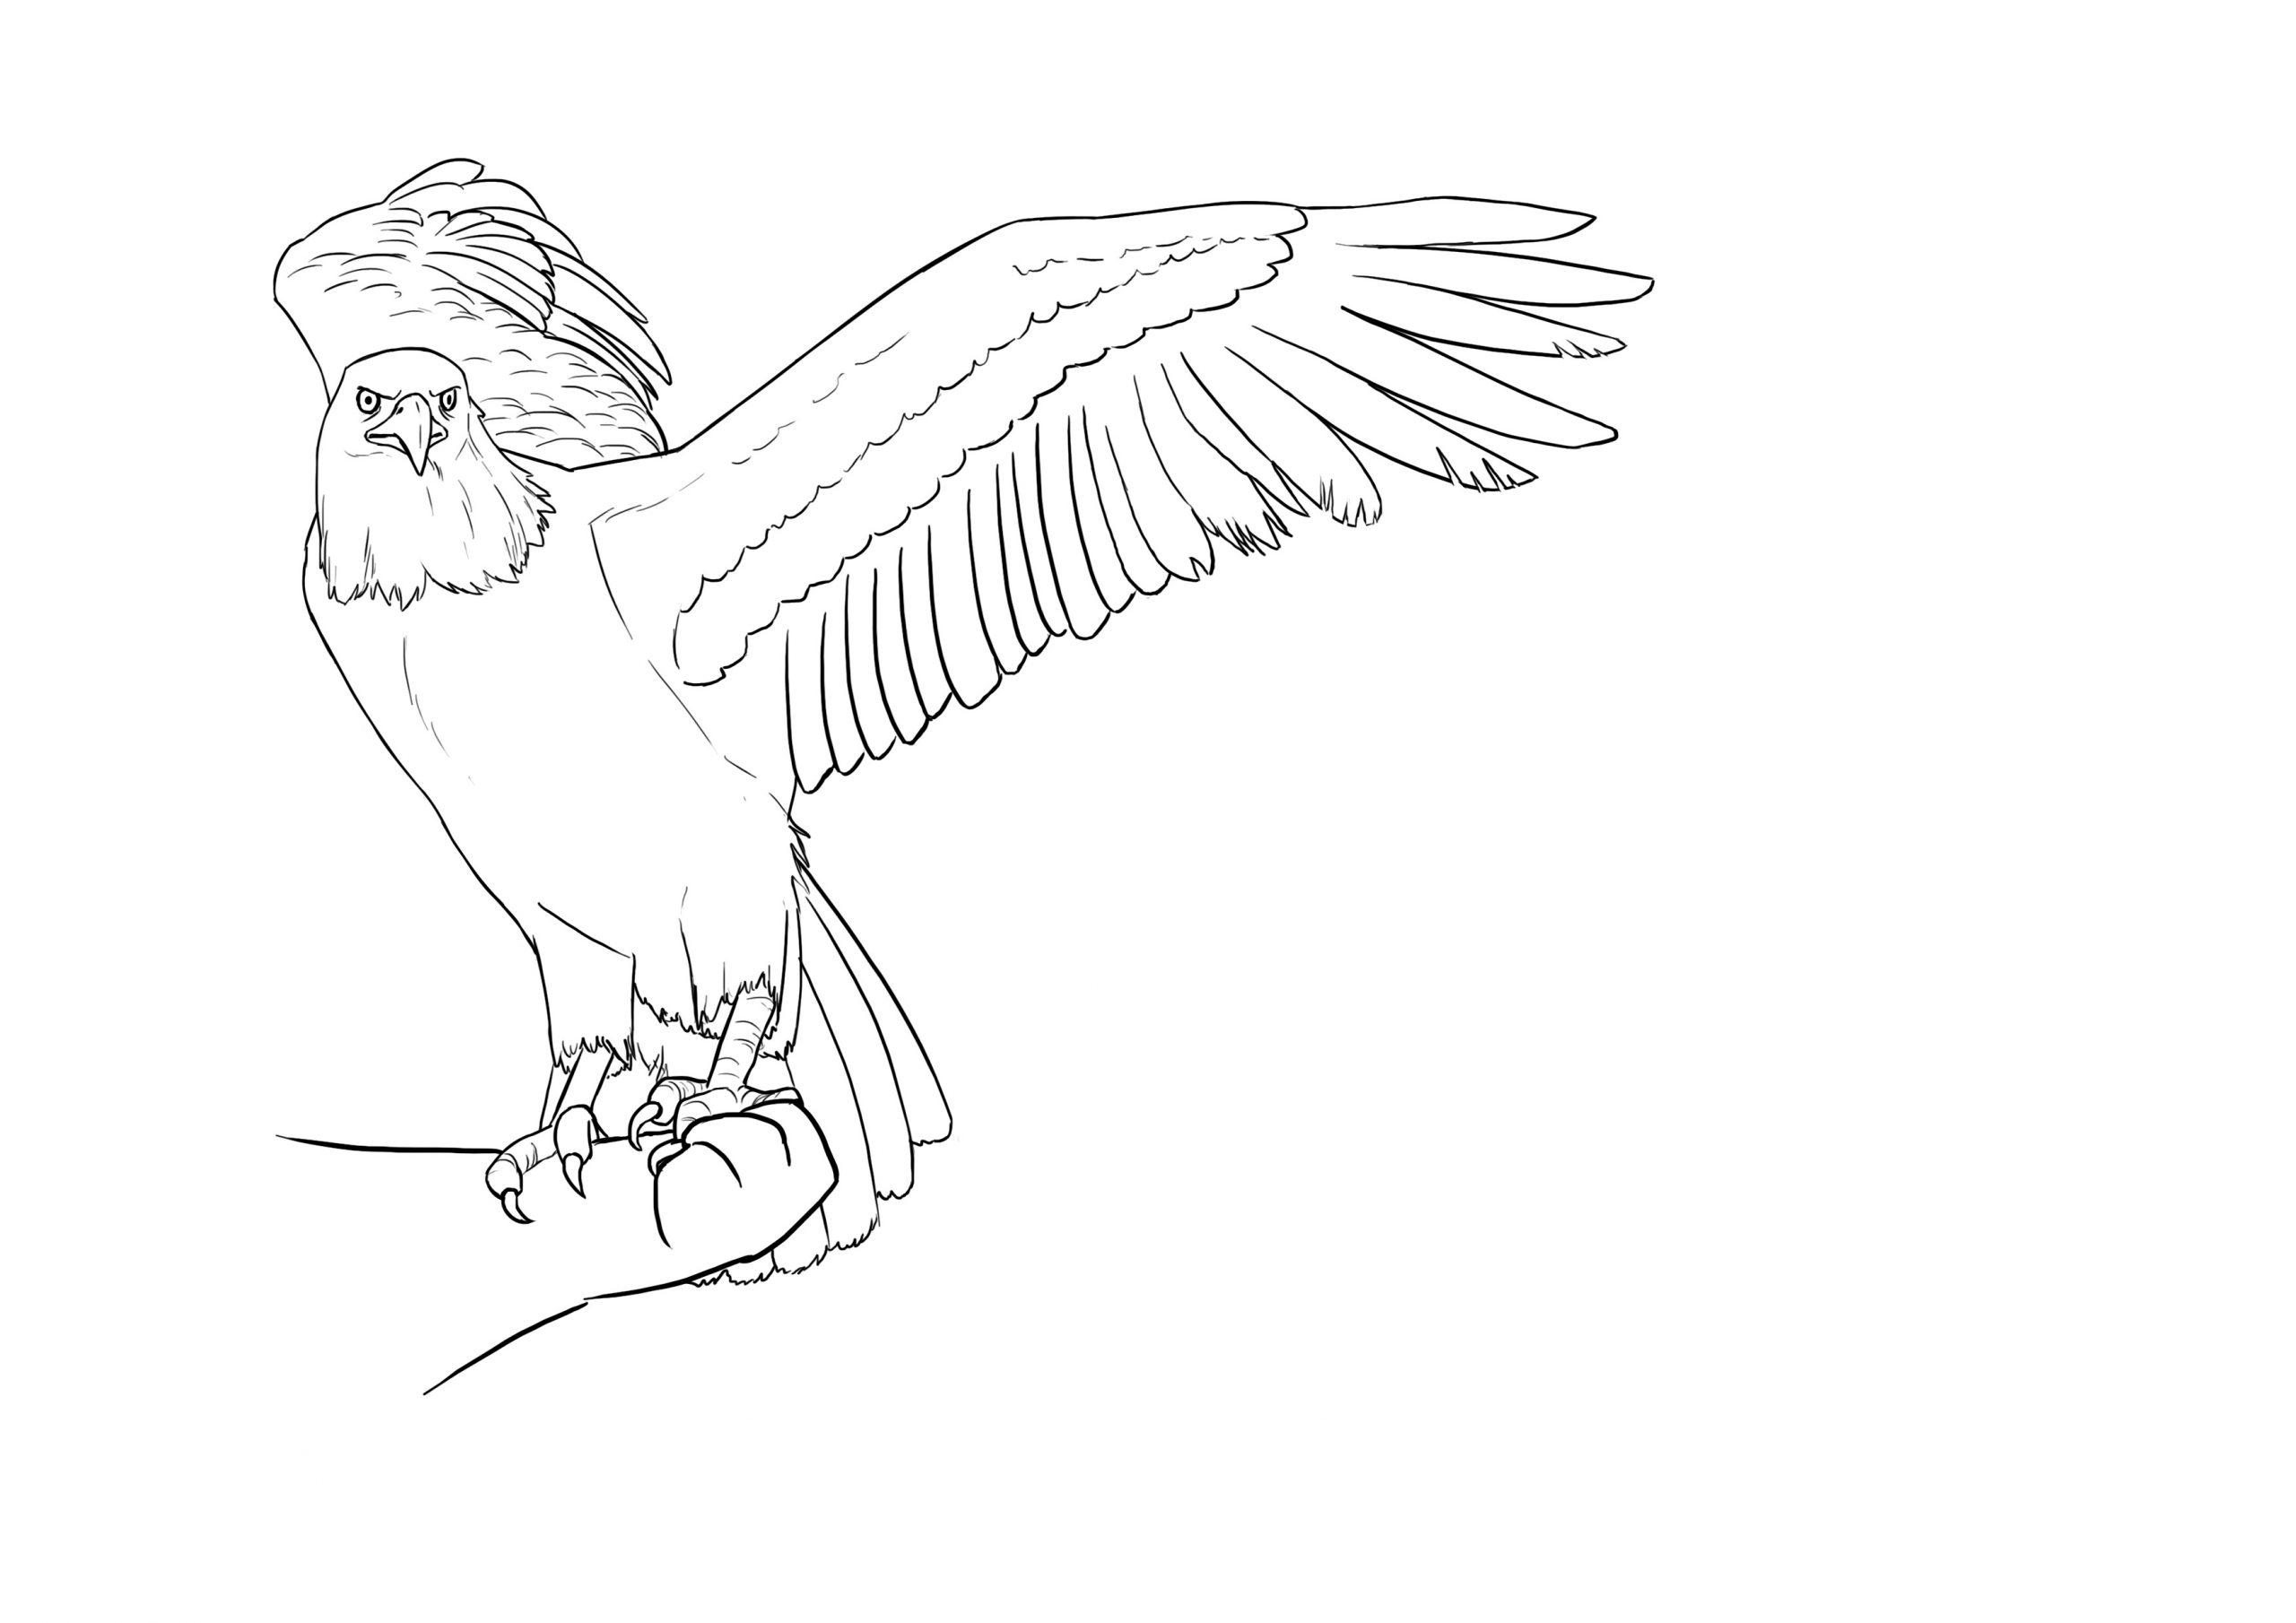 Comment Dessiner Un Oiseau Facilement - Dessindigo serapportantà Dessin D Oiseau Simple